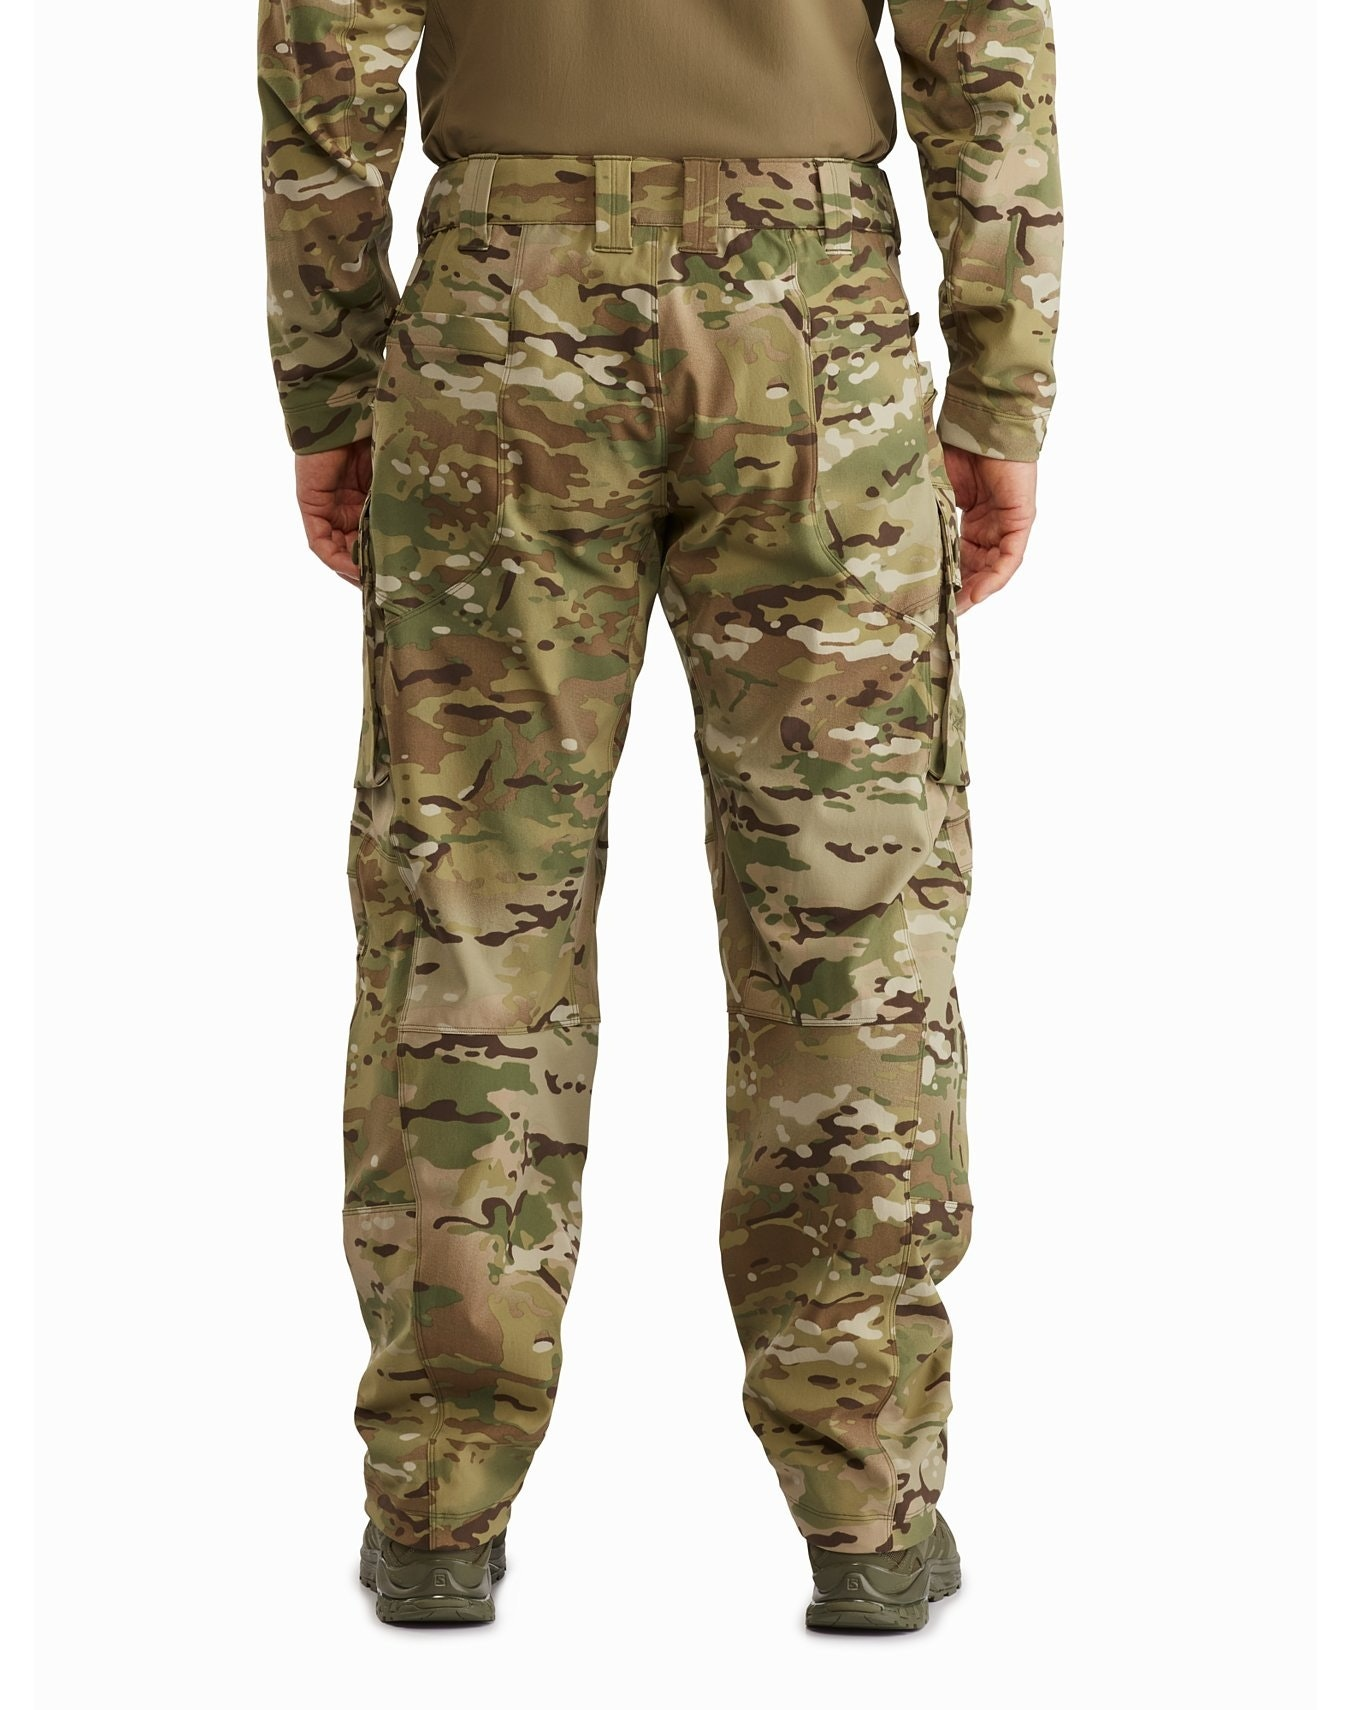 Arc'teryx LEAF Arc'teryx LEAF Assault Pant SV Men's